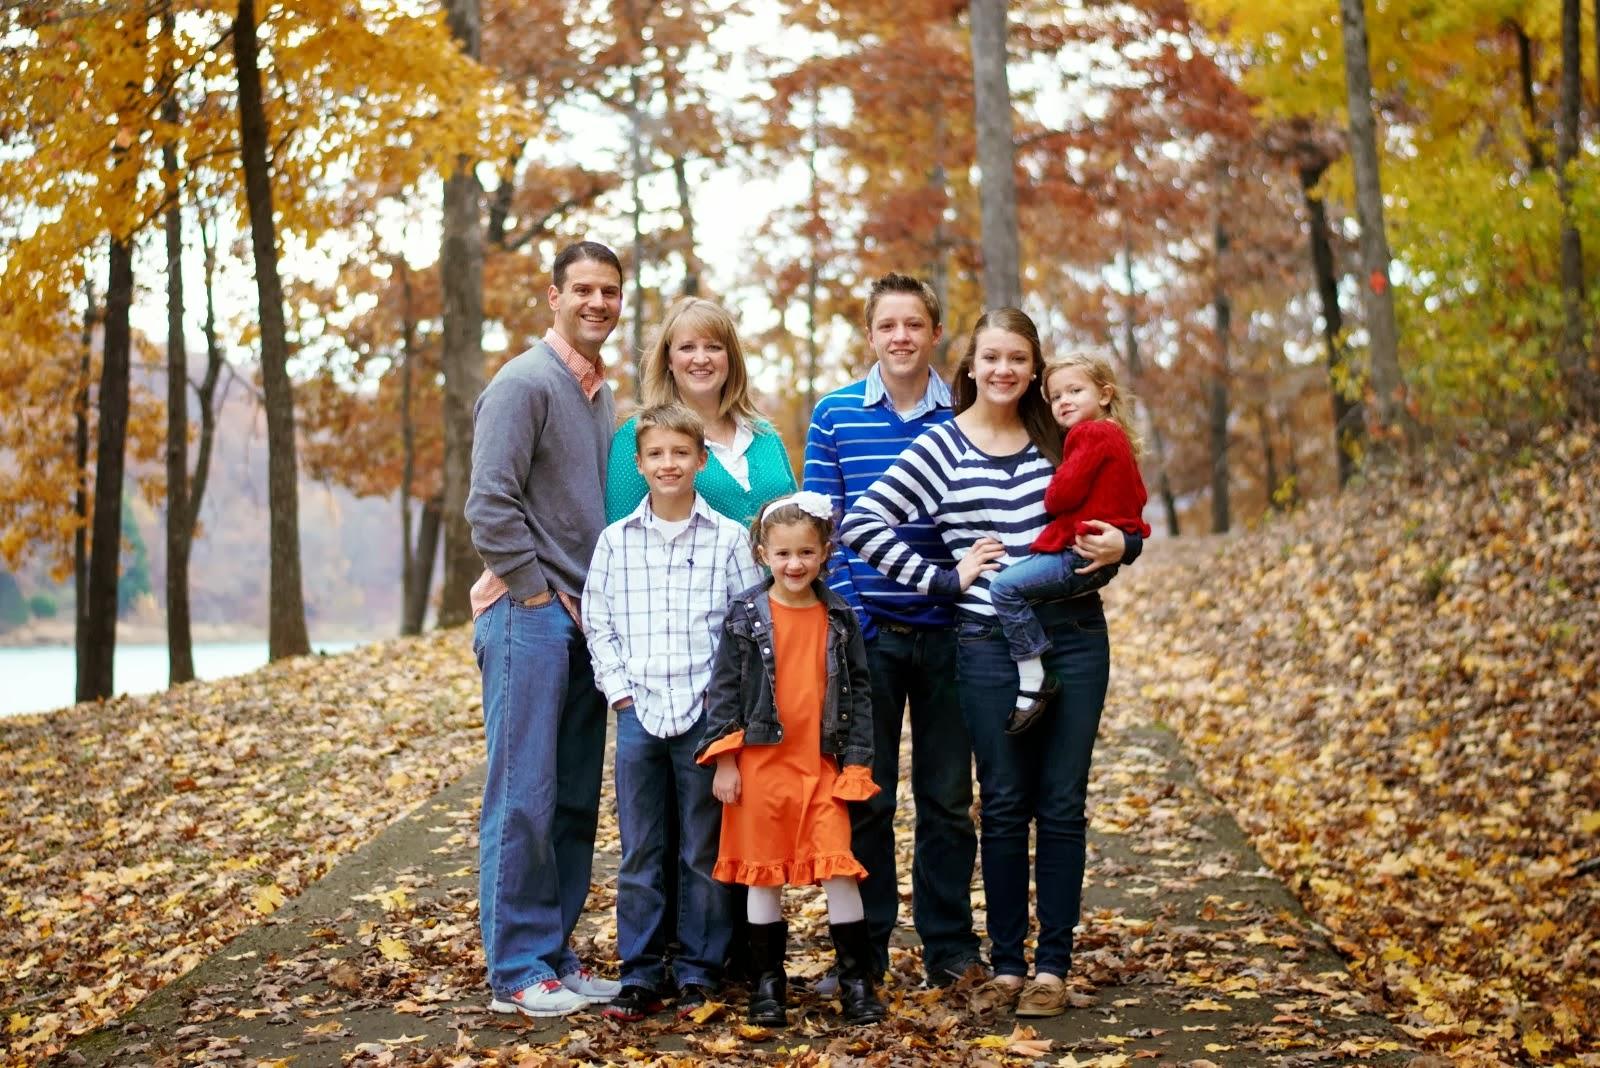 Edward, Stephanie, Ross, Elizabeth, Drew, Mallory, & Lucy